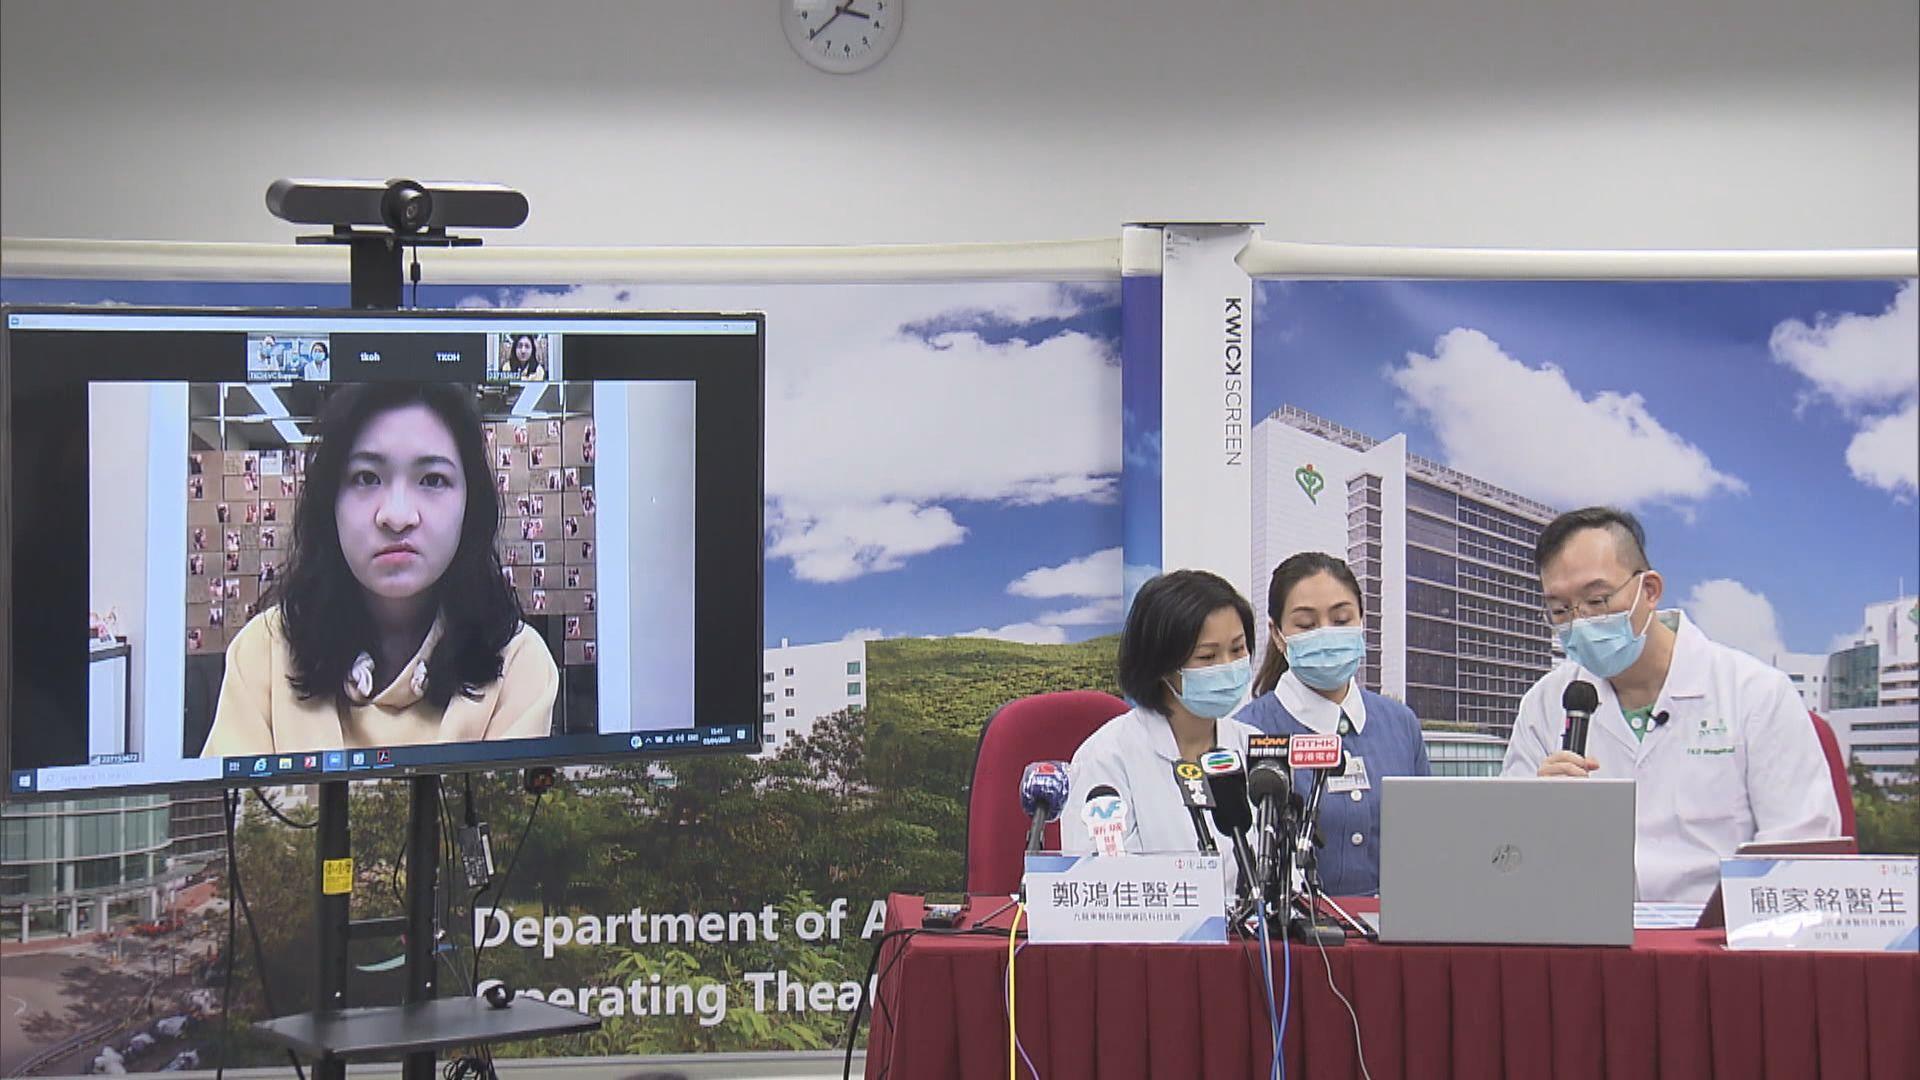 九龍東醫院聯網試行視像覆診 冀減少積壓個案